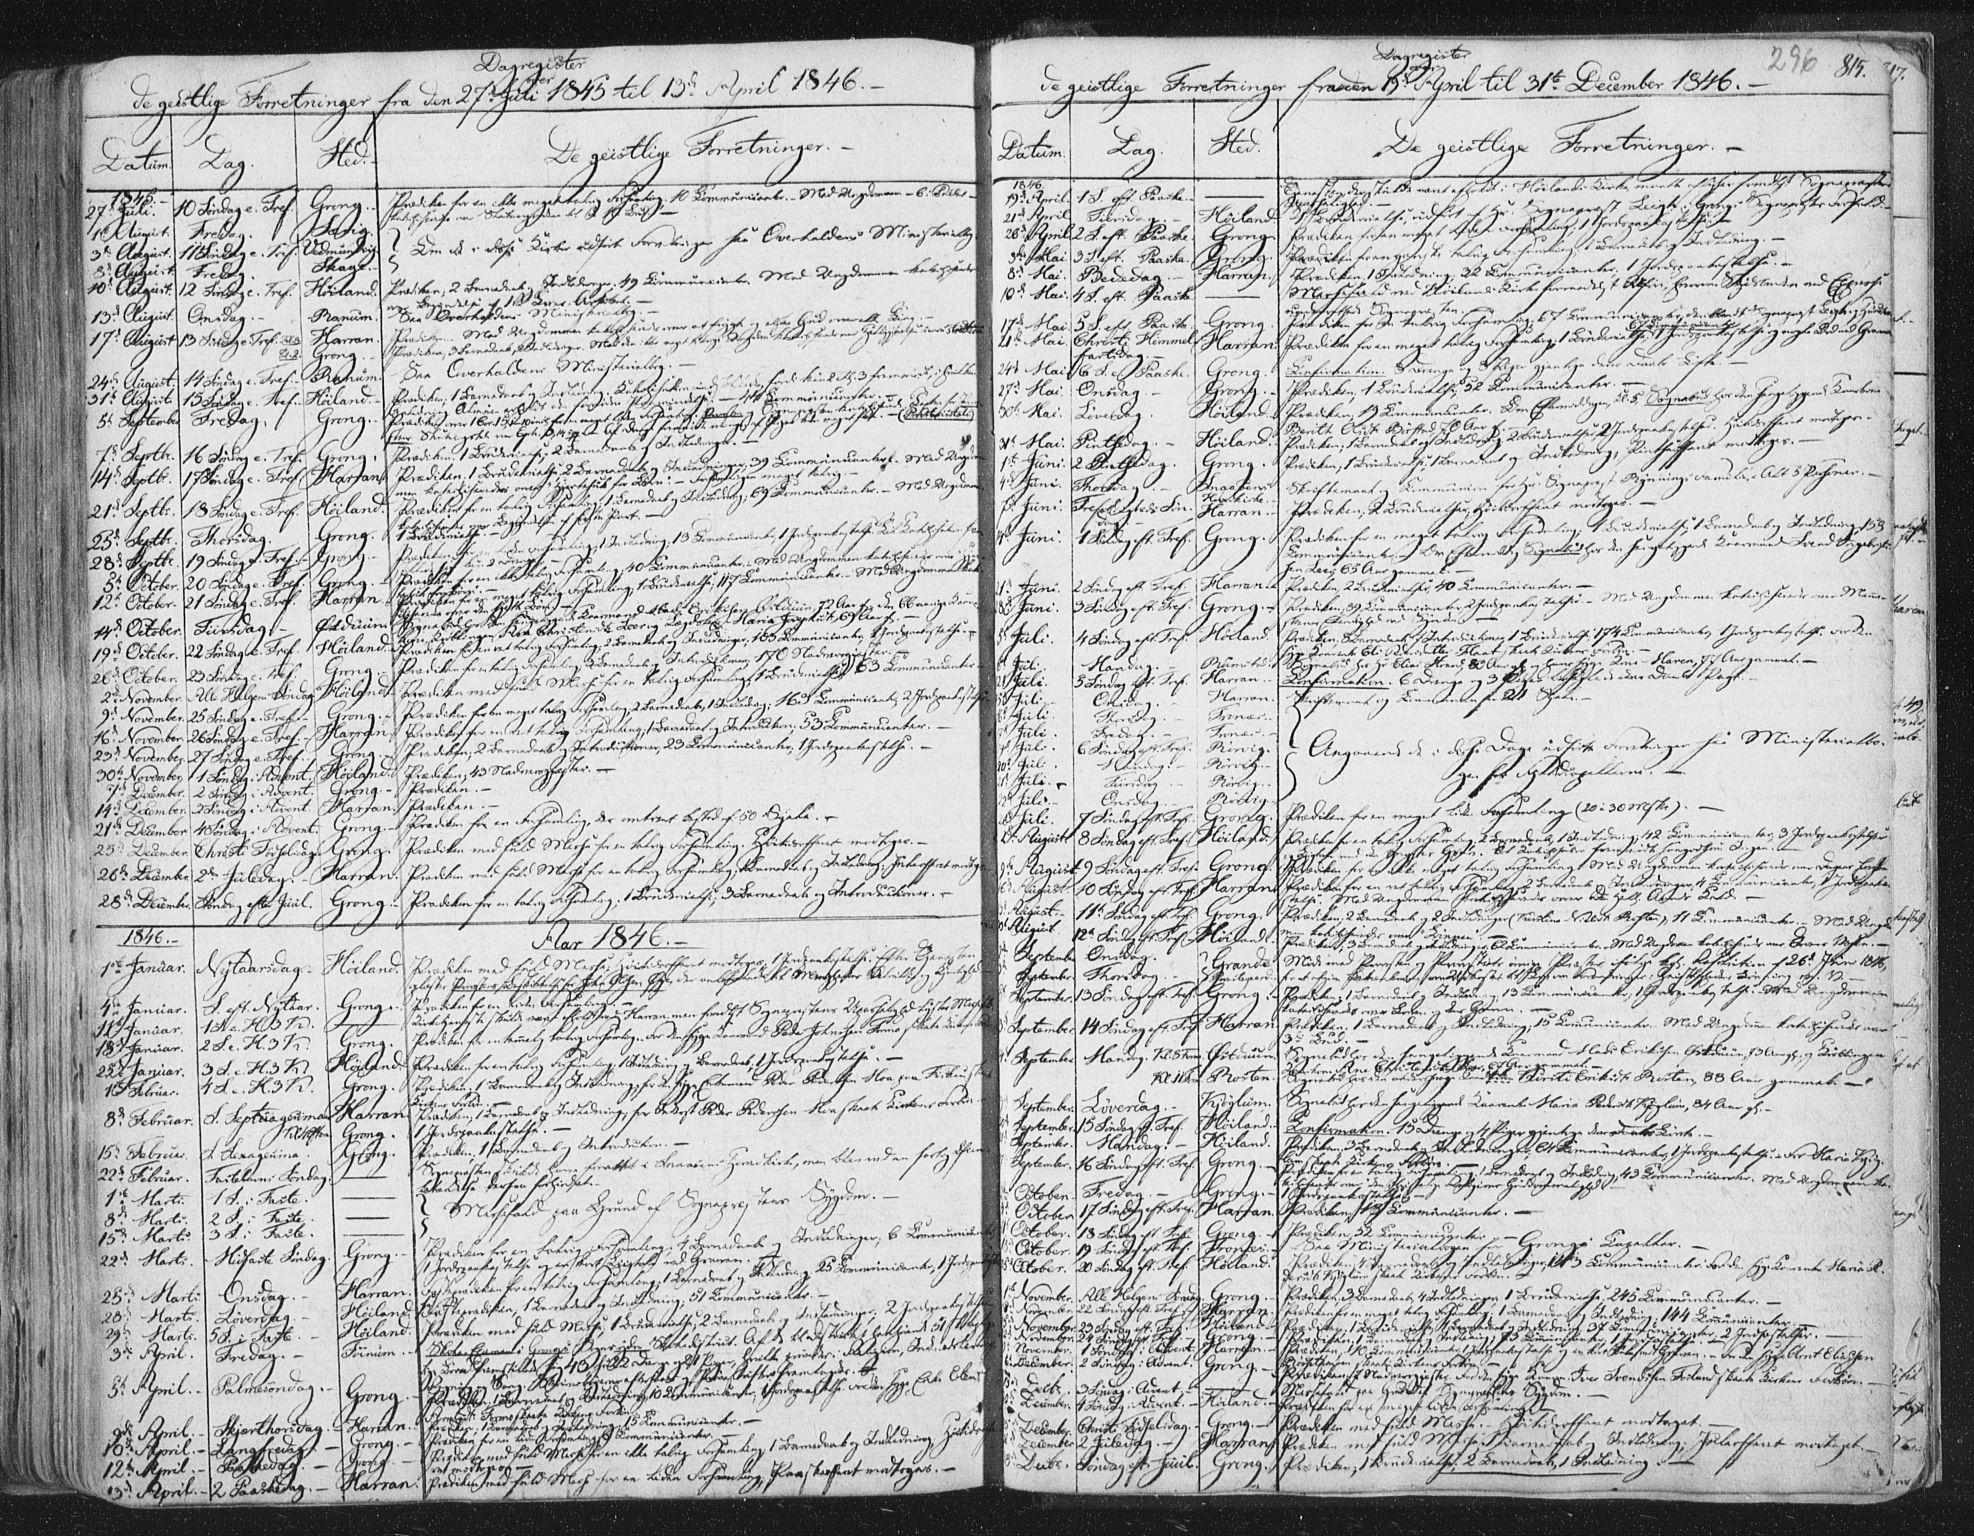 SAT, Ministerialprotokoller, klokkerbøker og fødselsregistre - Nord-Trøndelag, 758/L0513: Ministerialbok nr. 758A02 /1, 1839-1868, s. 296